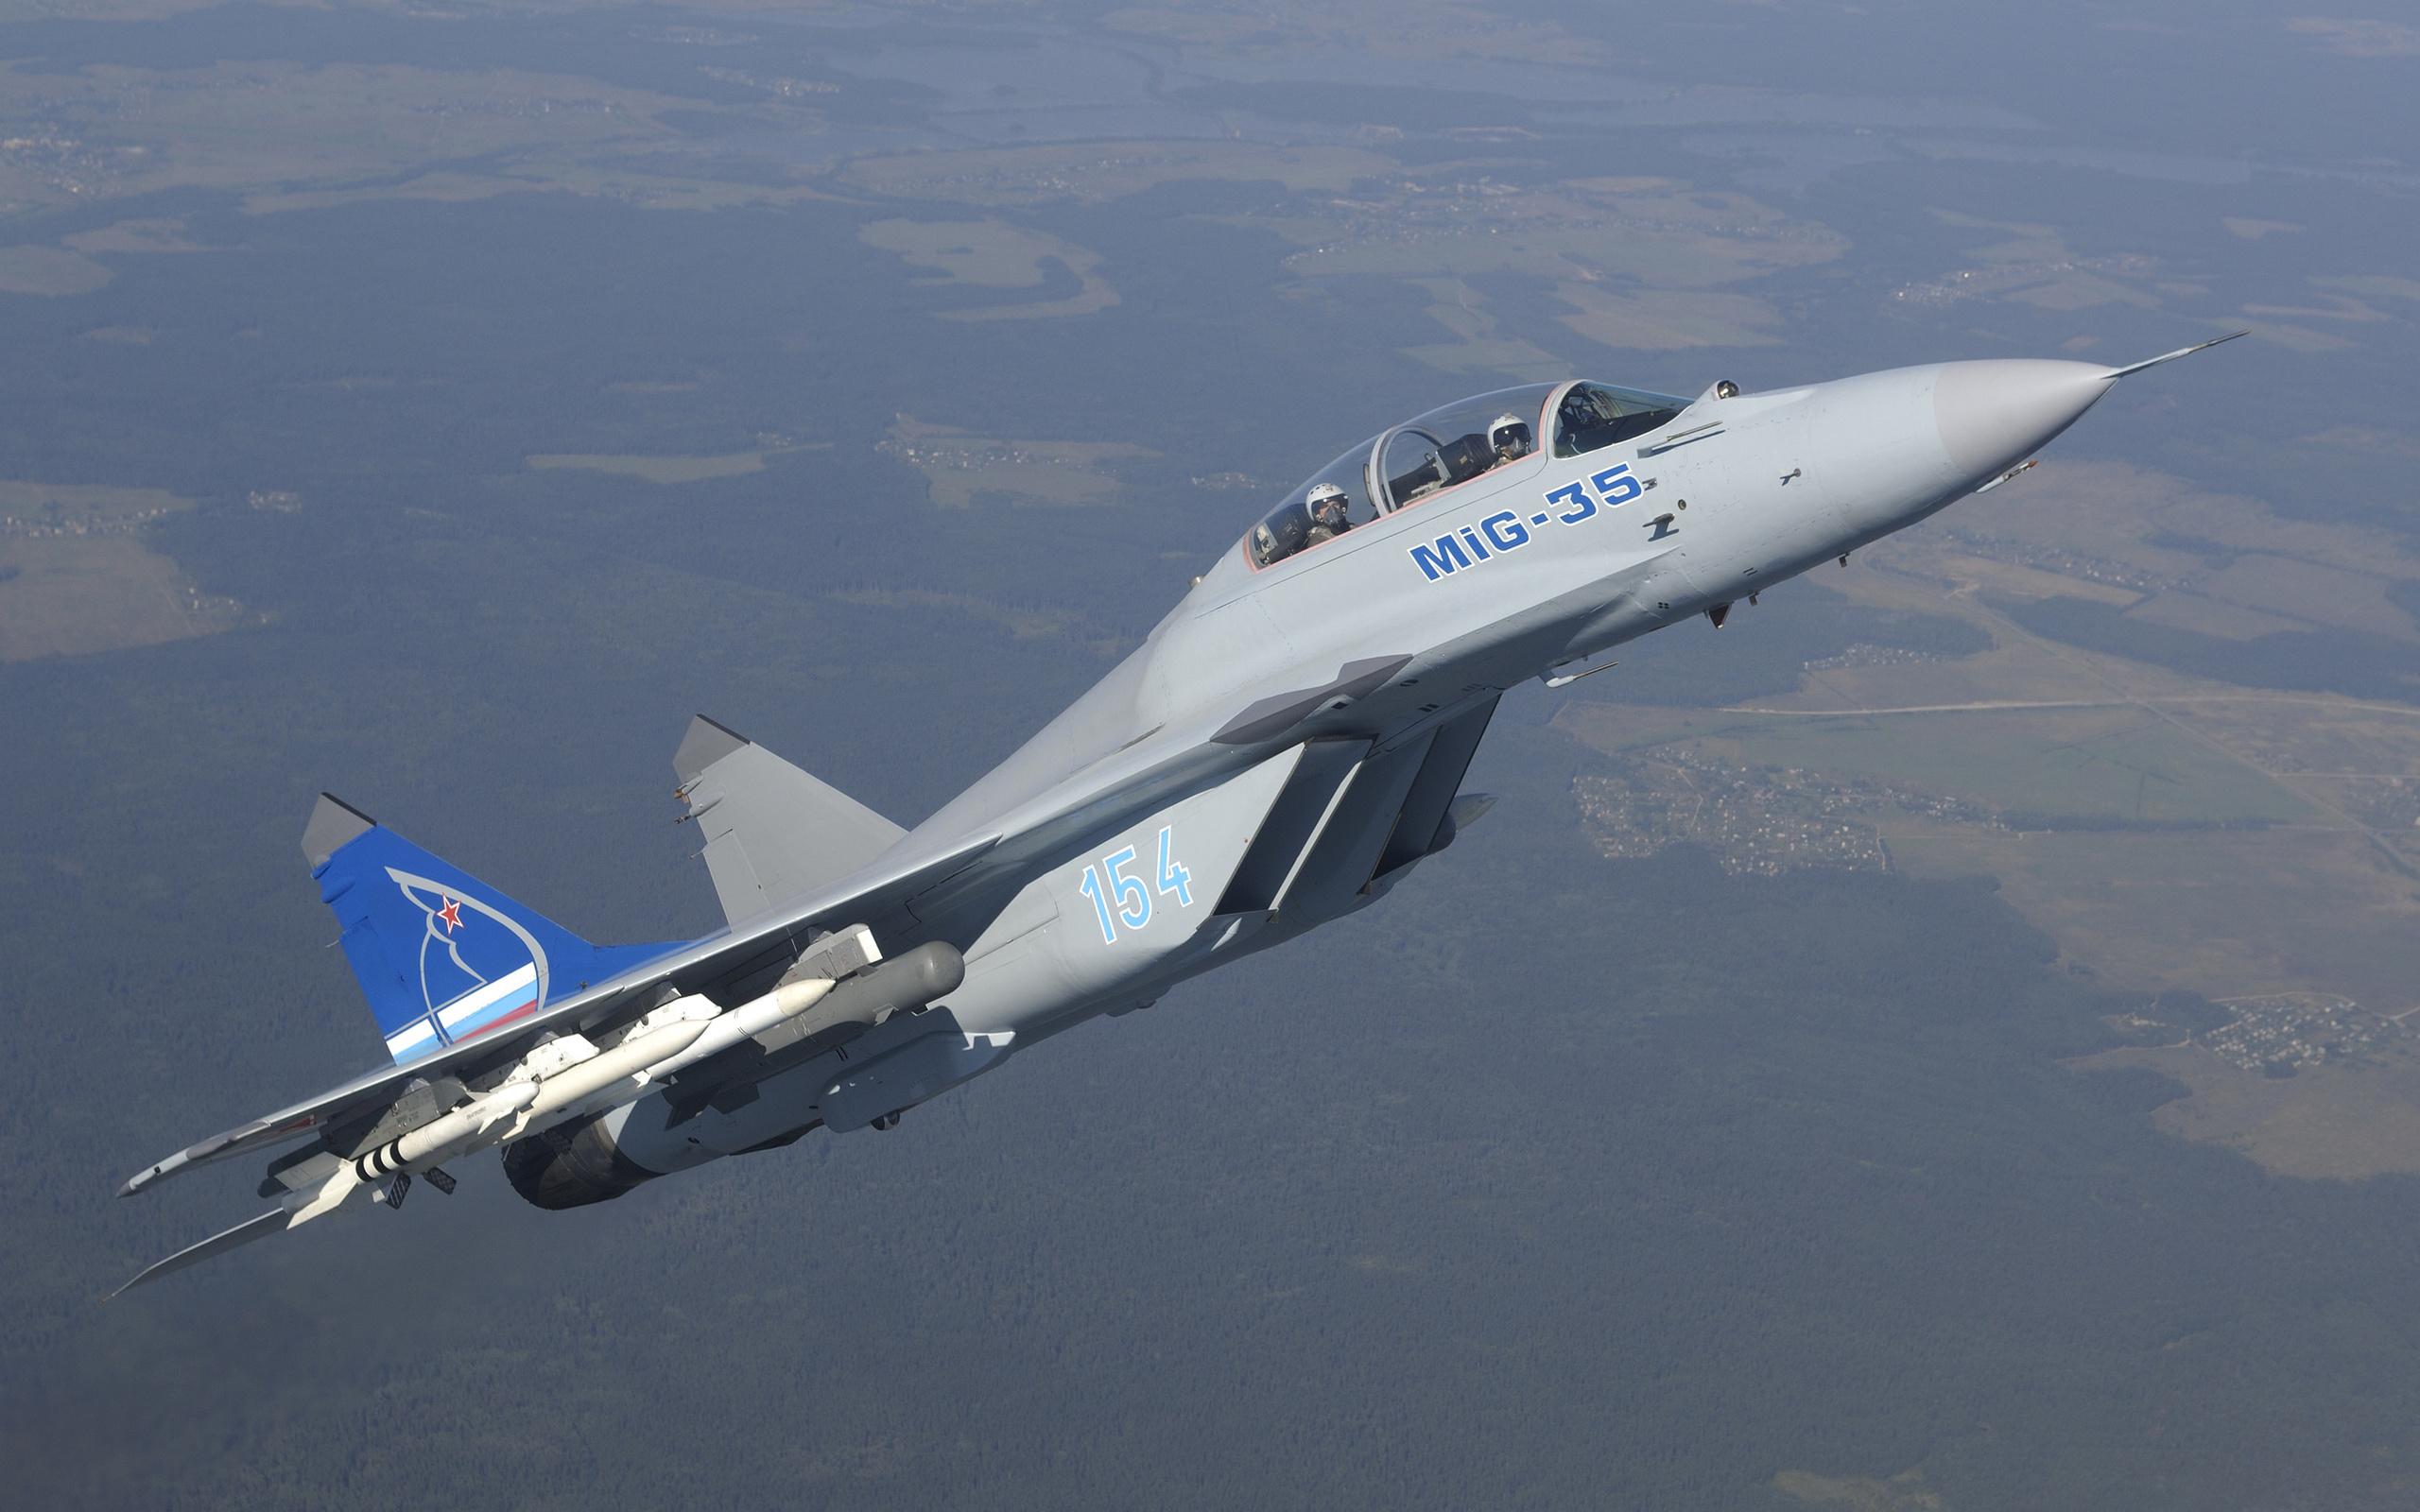 MiG 35 (航空機)の画像 p1_30